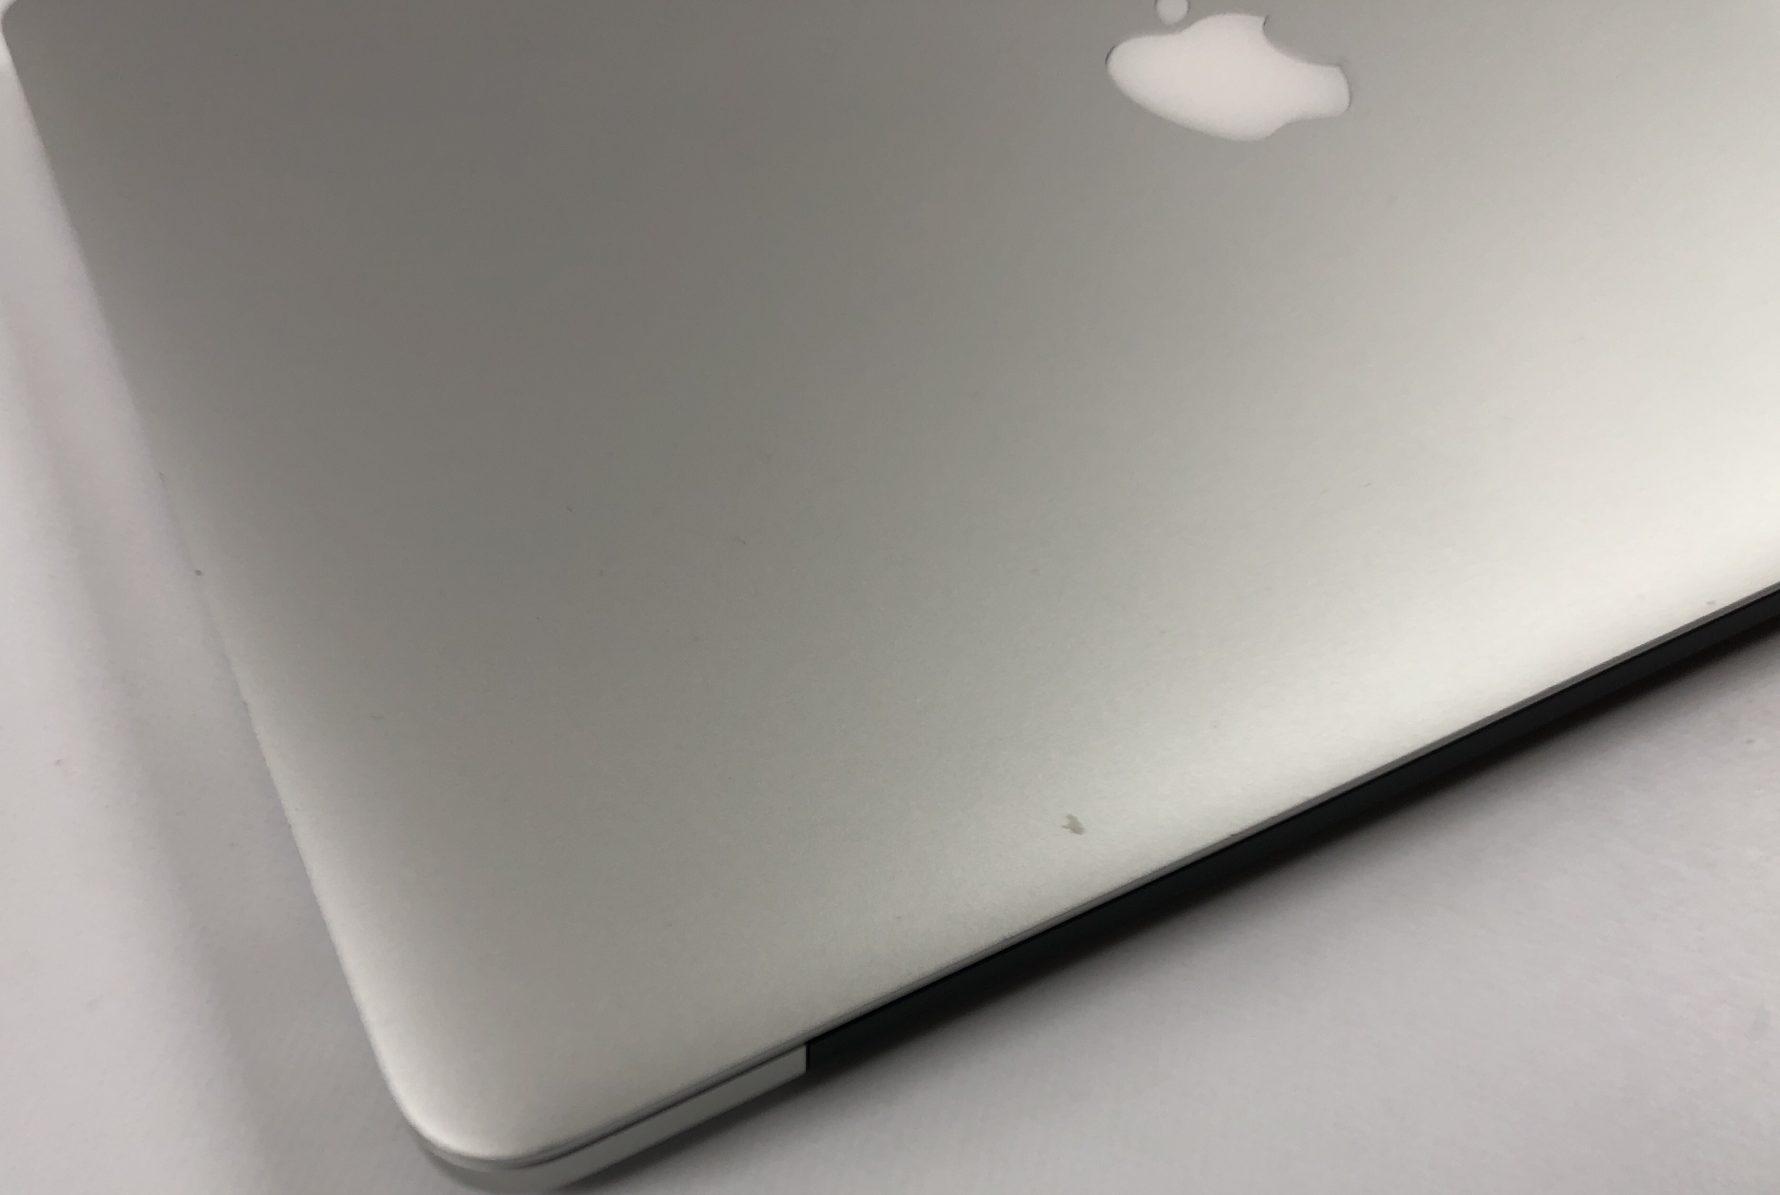 """MacBook Pro Retina 15"""" Mid 2015 (Intel Quad-Core i7 2.8 GHz 16 GB RAM 512 GB SSD), Intel Quad-Core i7 2.8 GHz, 16 GB RAM, 512 GB SSD, image 4"""